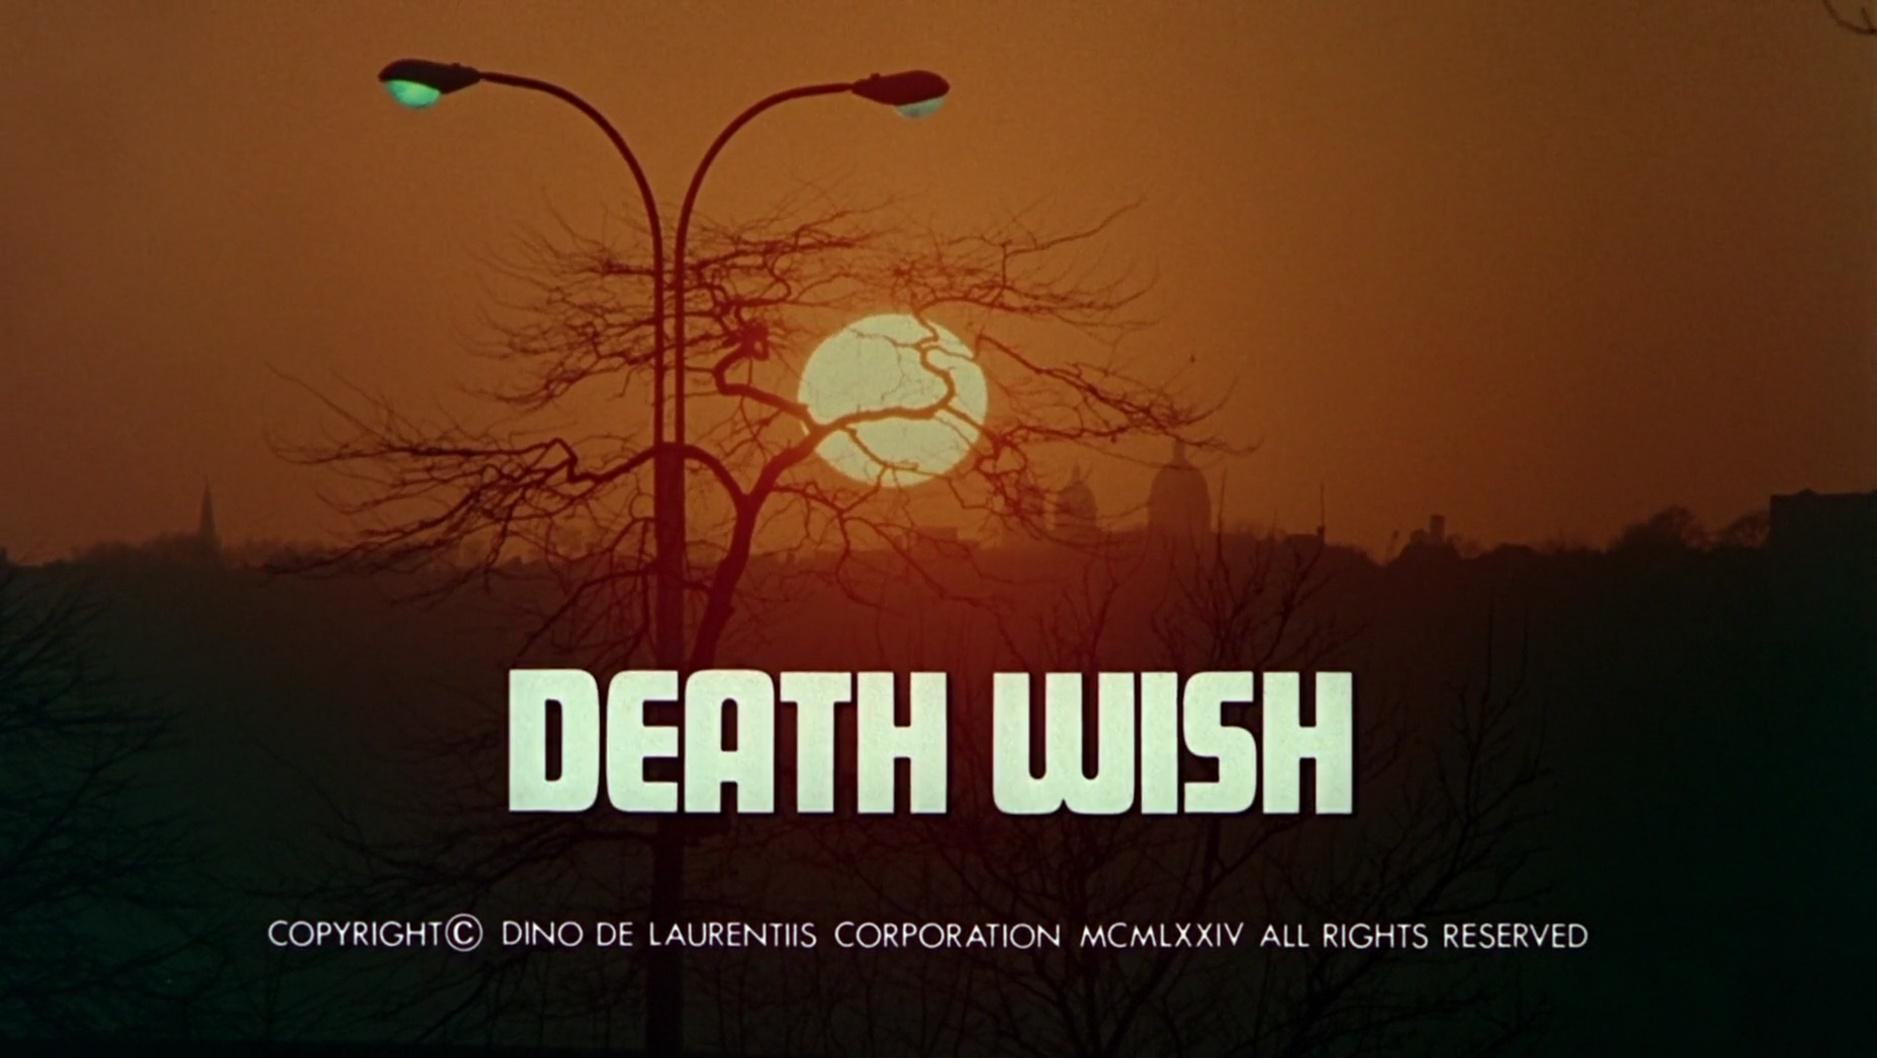 UN JUSTICIER DANS LA VILLE (Death Wish) de Michael Winner (1974)